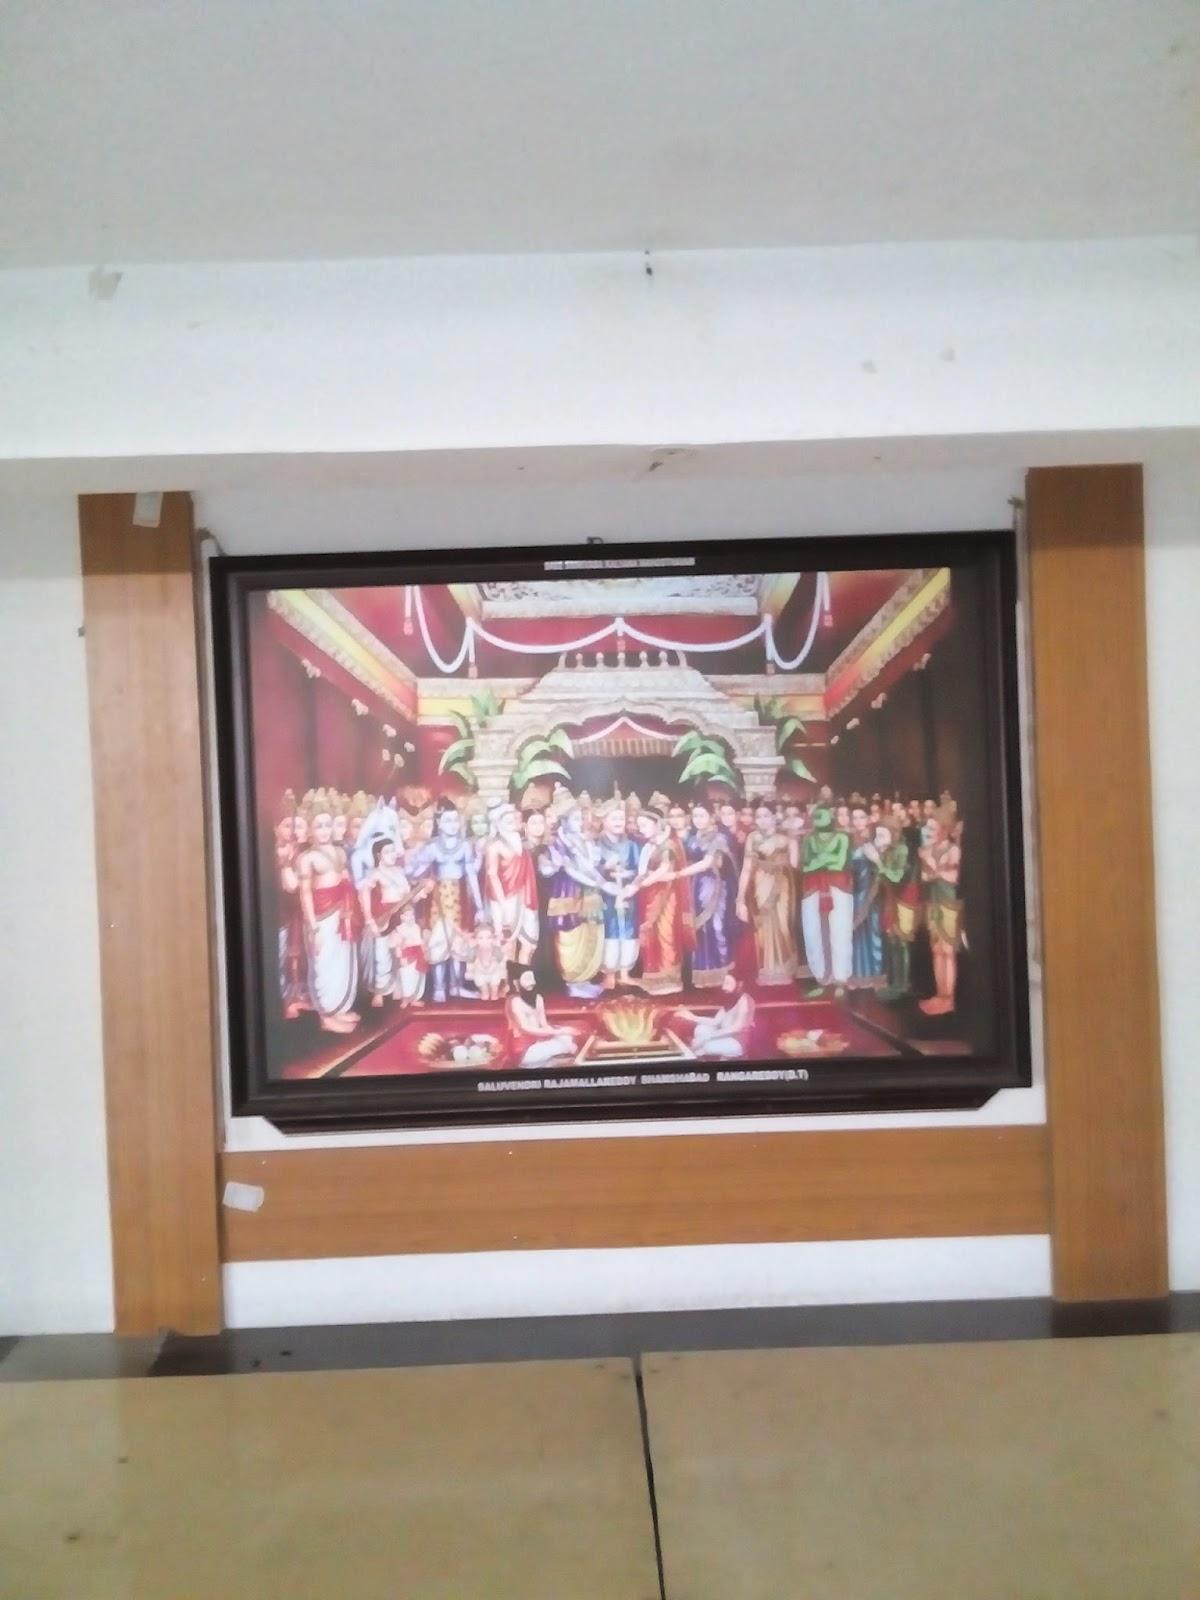 Padmavathi Parinayam  Srinivasa Kalyanam photo frame